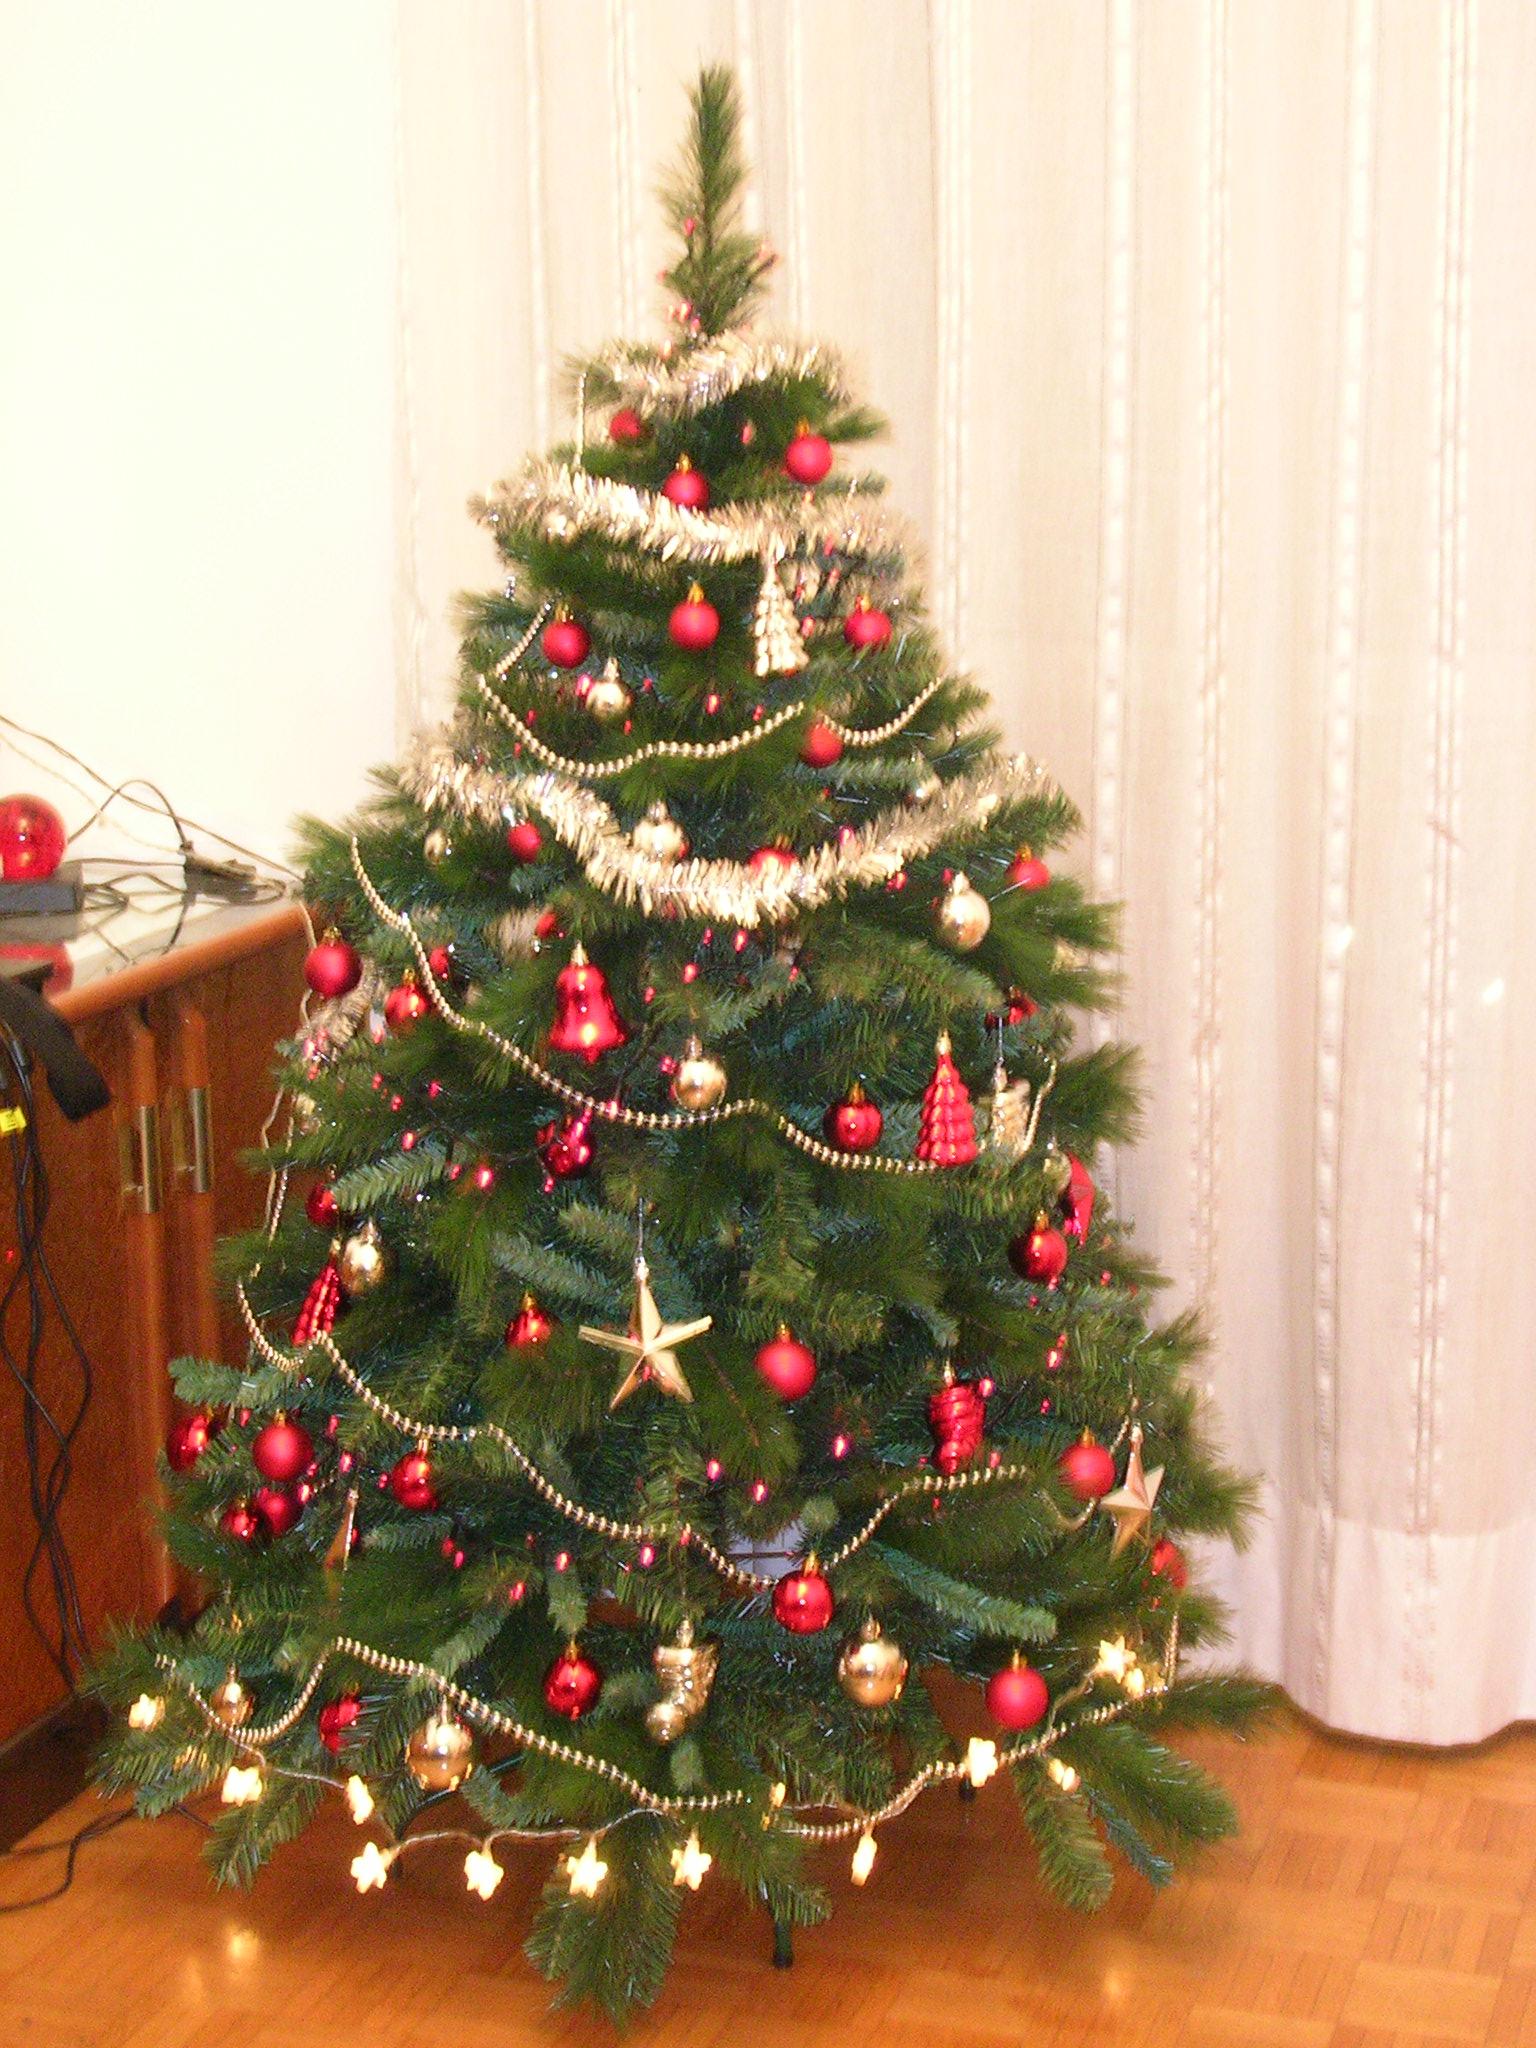 Foto Alberi Di Natale In Casa.Arrivano Le Feste Di Natale Addobbi La Casa Con L Albero O